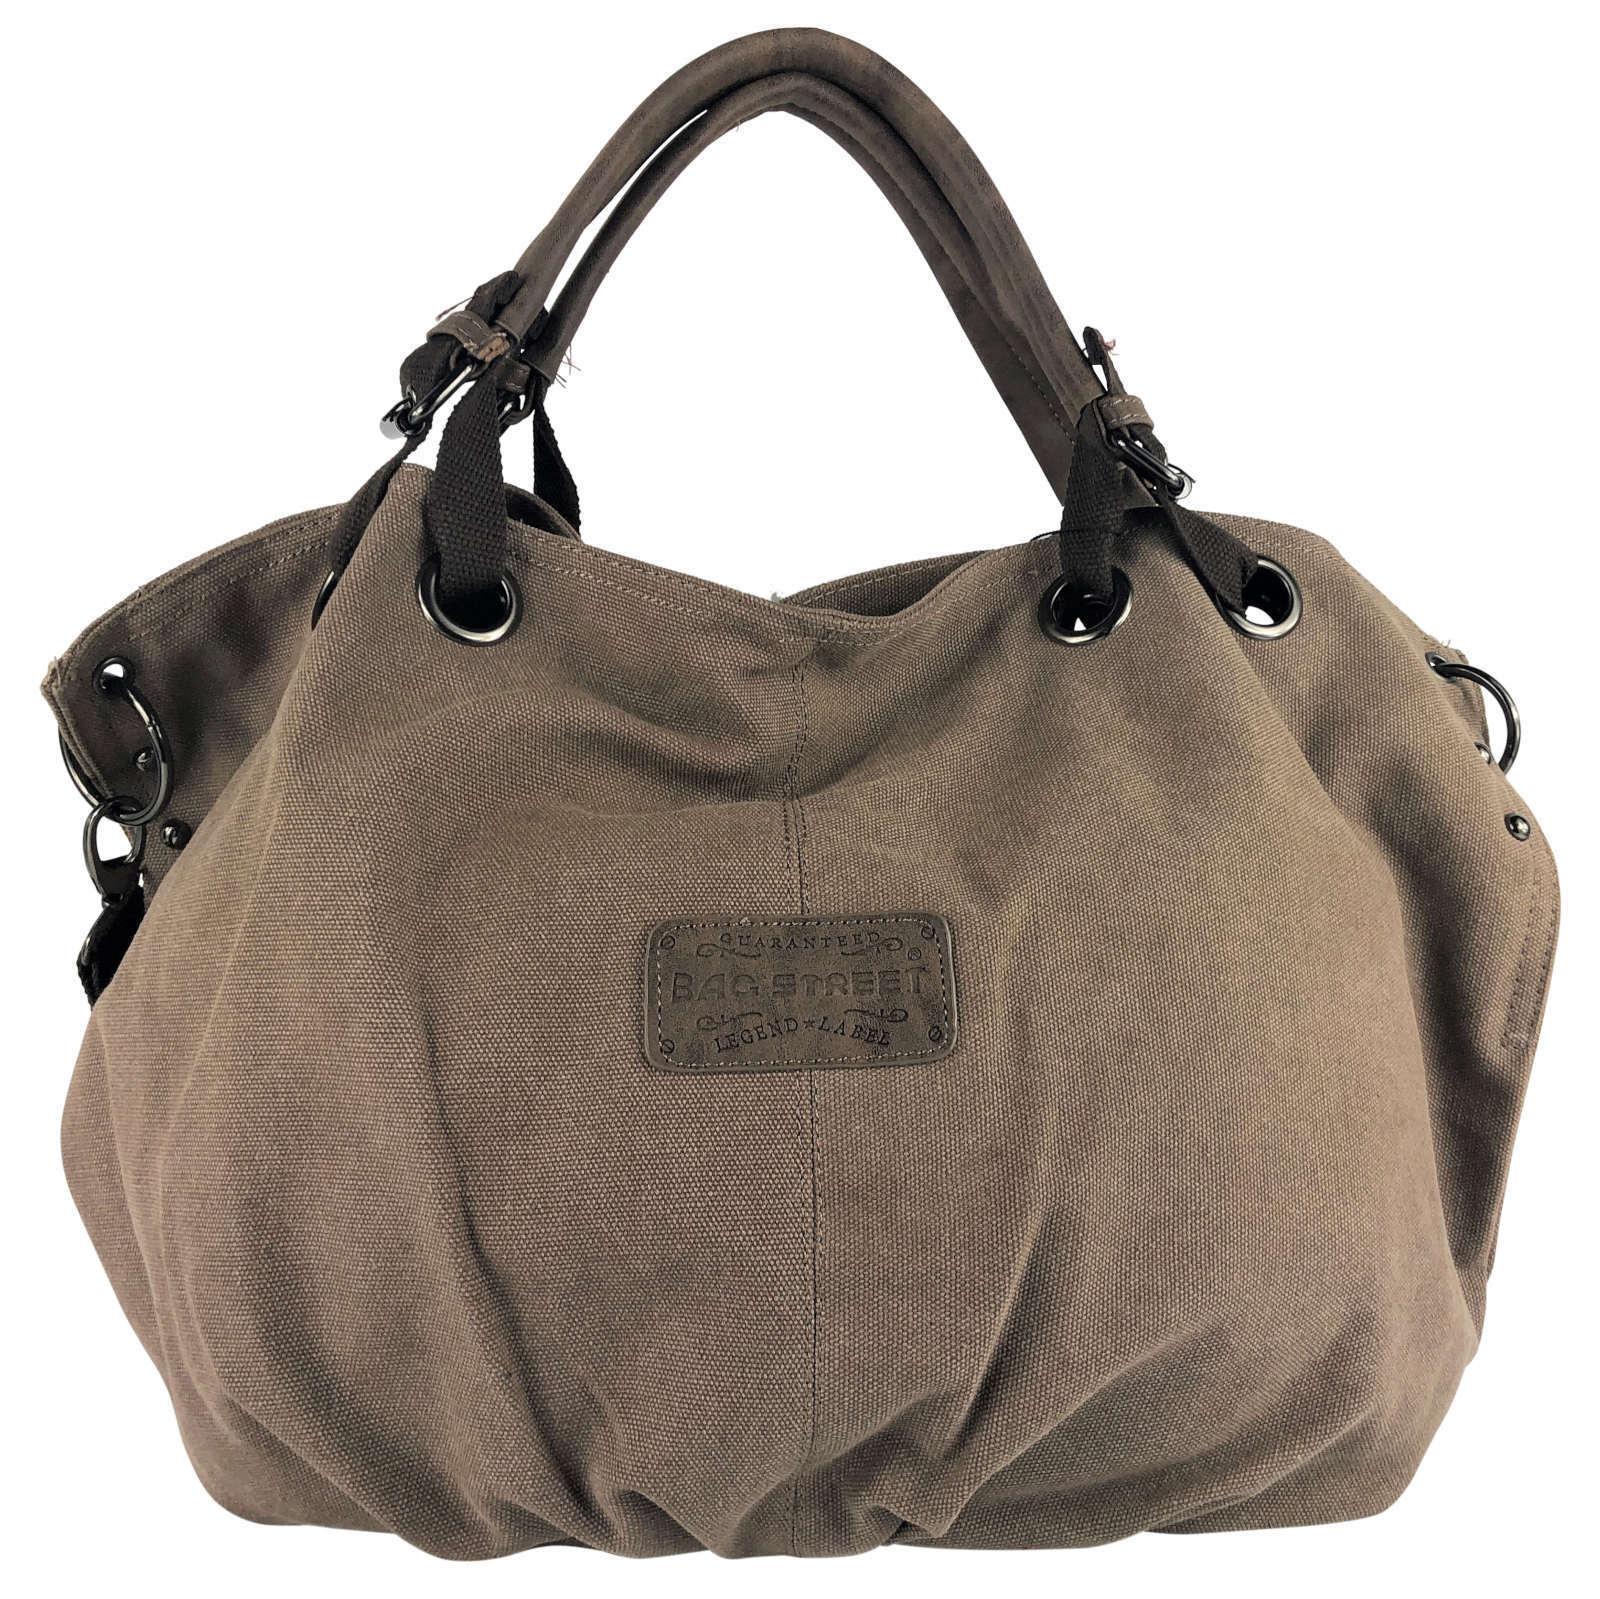 1b6e72feda8dd Handtasche Test Stoffbeutel Vergleich Stoffbeutel Stoffbeutel Vergleich  Handtasche Vergleich Test Handtasche Test Y6yI7vmbfg